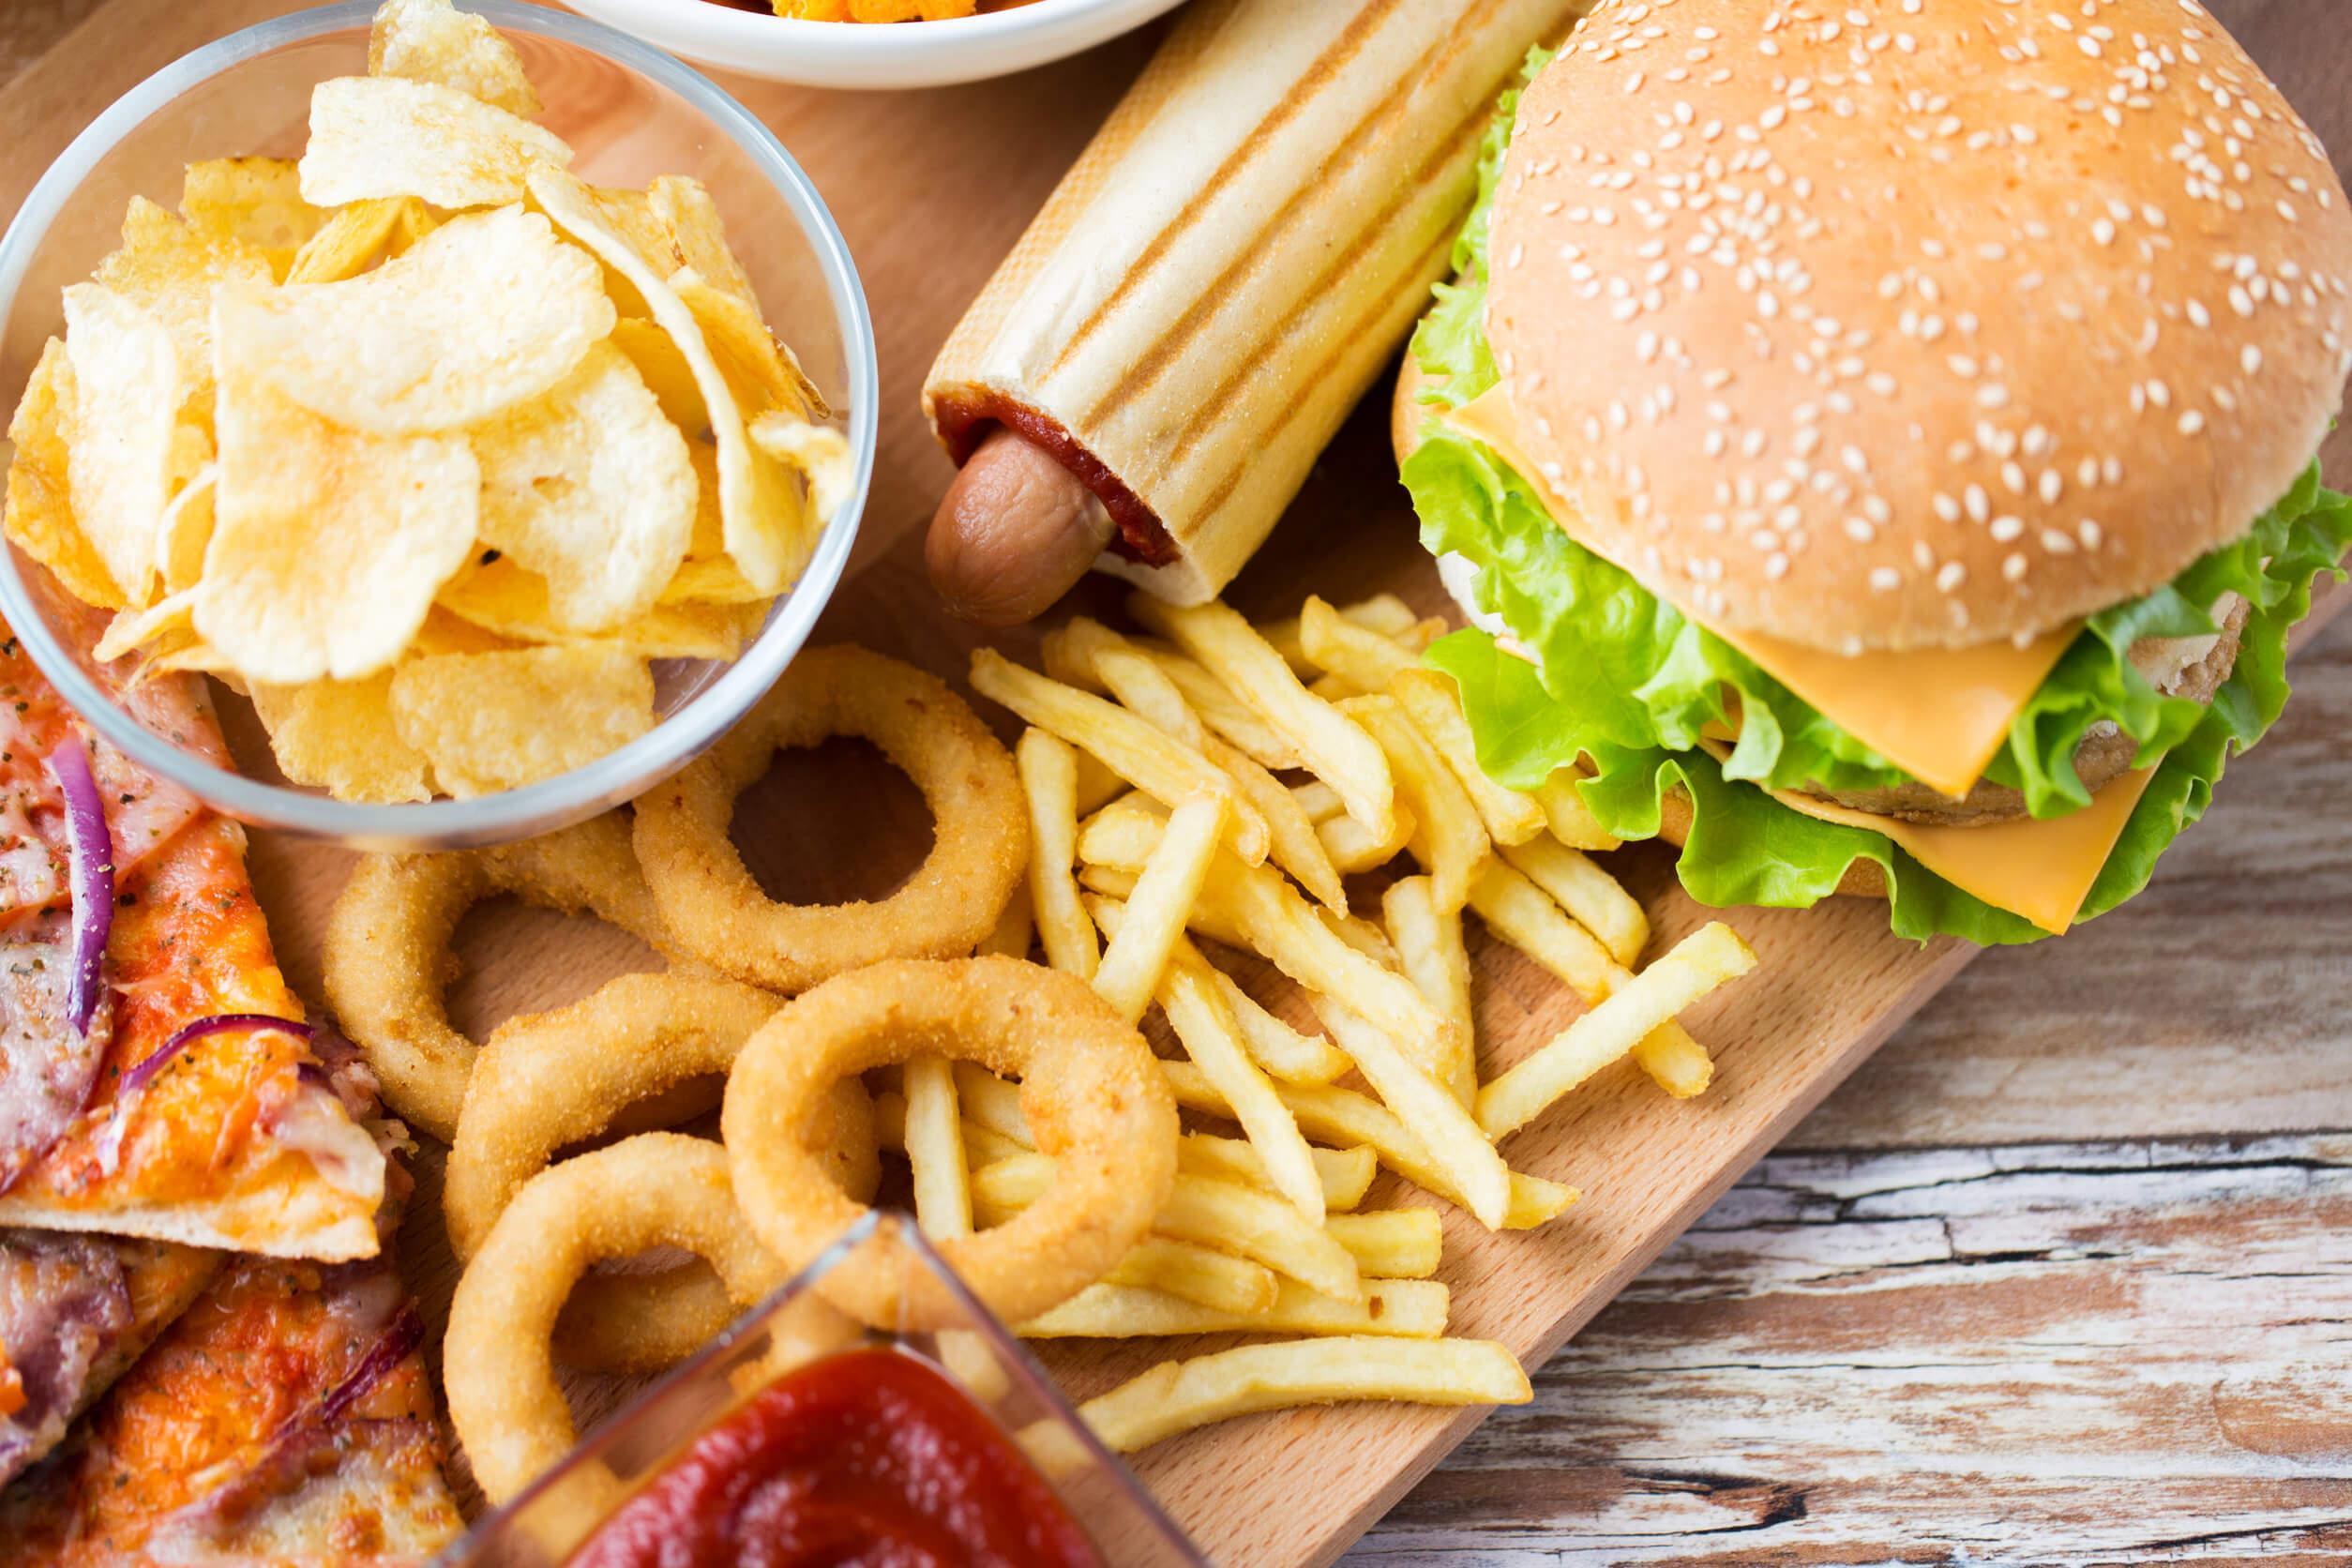 Cómo cambia tu cerebro cuando comes comida chatarra